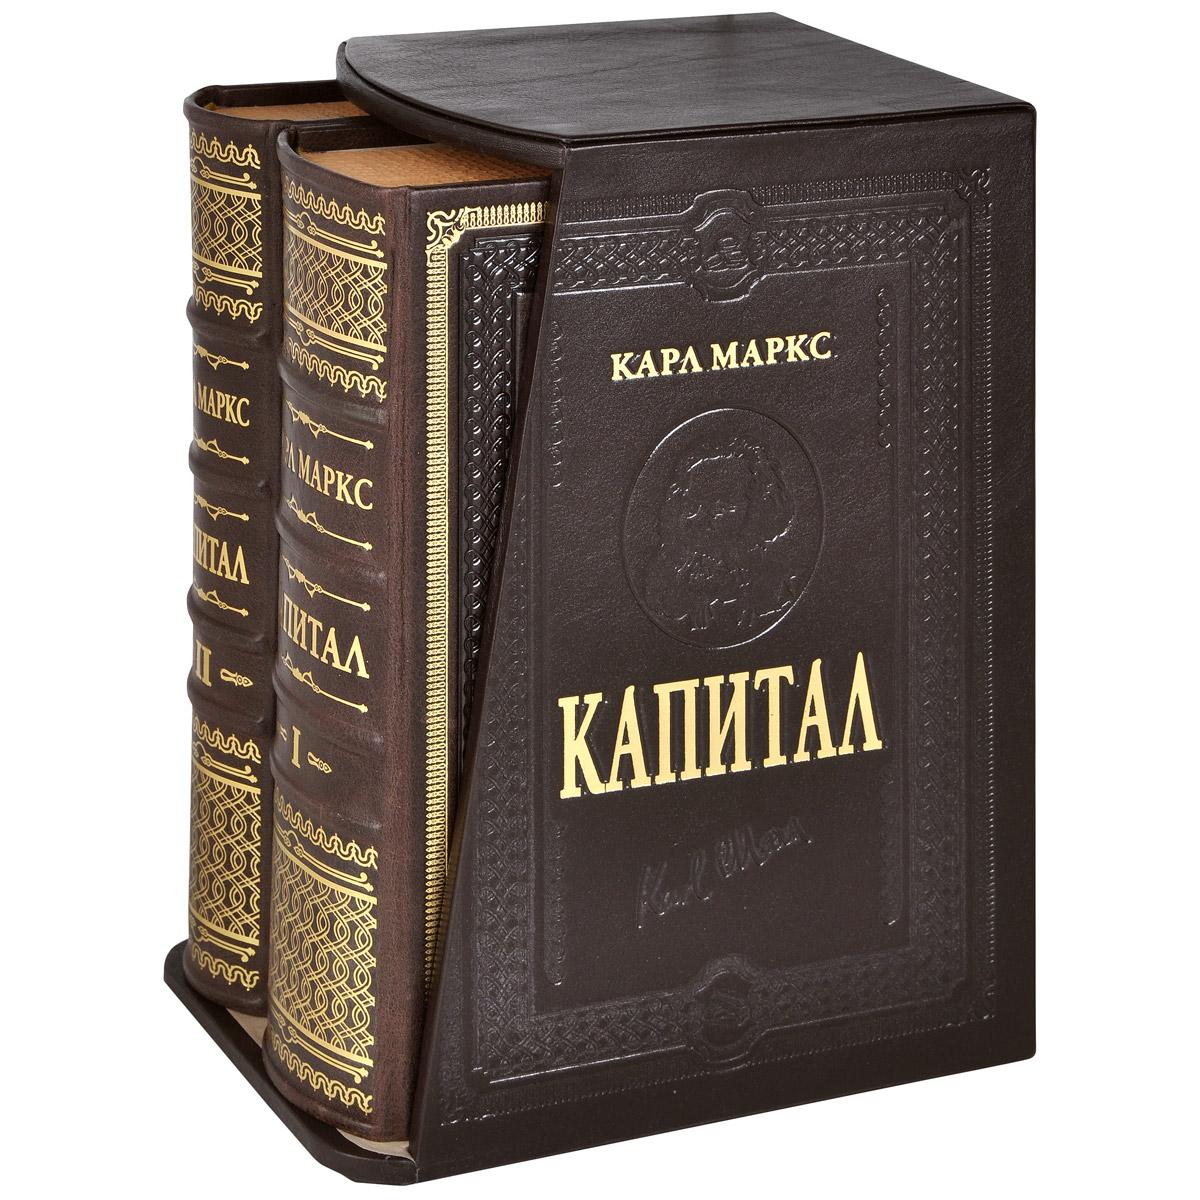 Карл Маркс Капитал. В 2 томах (эксклюзивное подарочное издание) алексей именная книга эксклюзивное подарочное издание